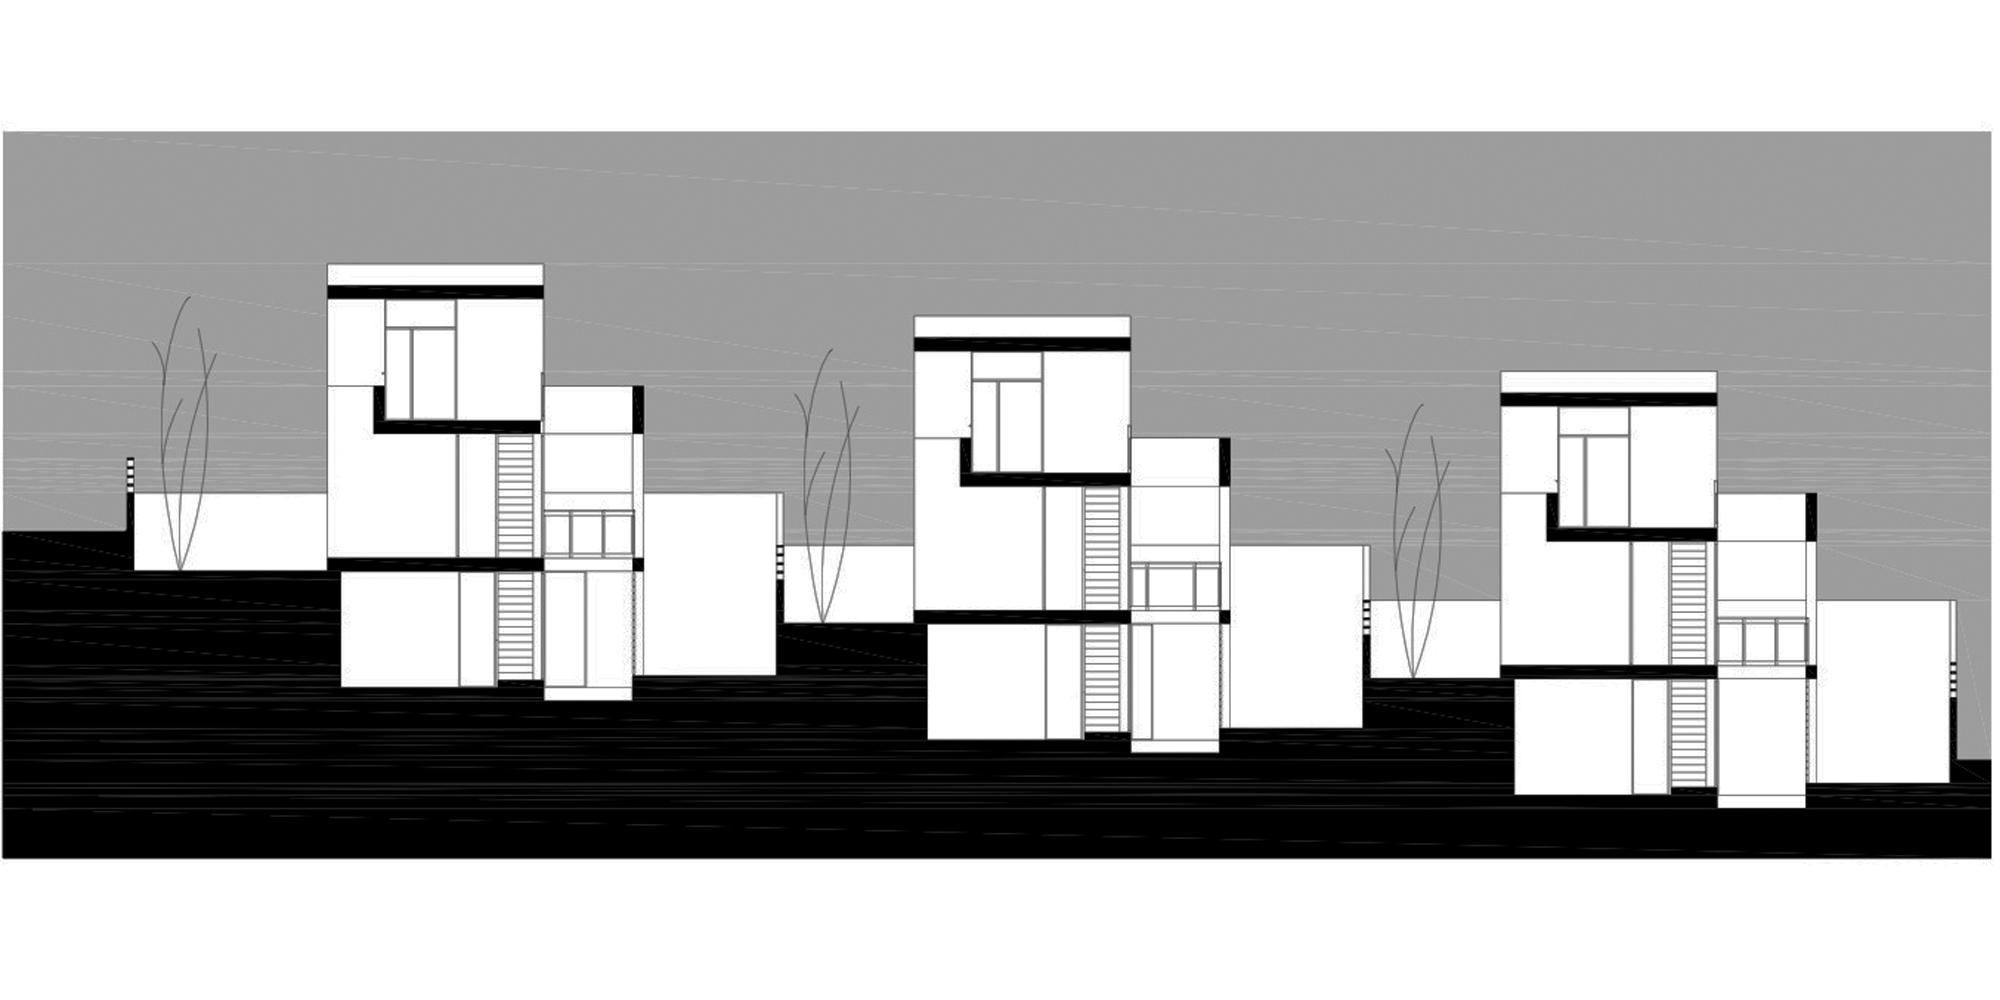 Galer a 6 viviendas unifamiliares de santa b rbara - Proyectos casas unifamiliares ...